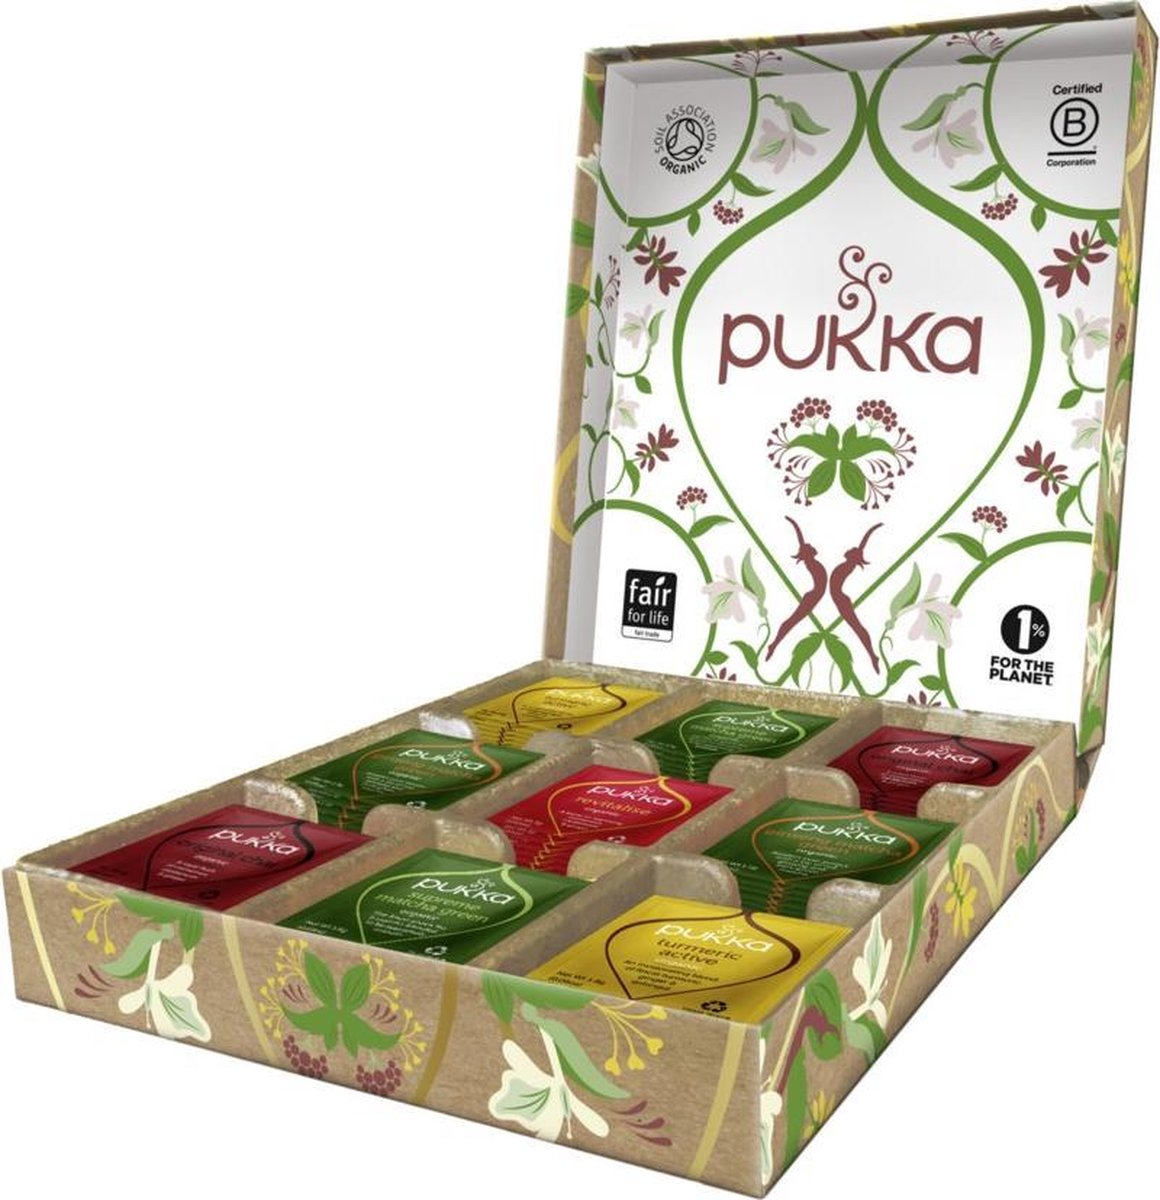 Pukka Active Theeselectie Geschenkdoos - 5 blends biologische kruidenthee - 45 zakjes